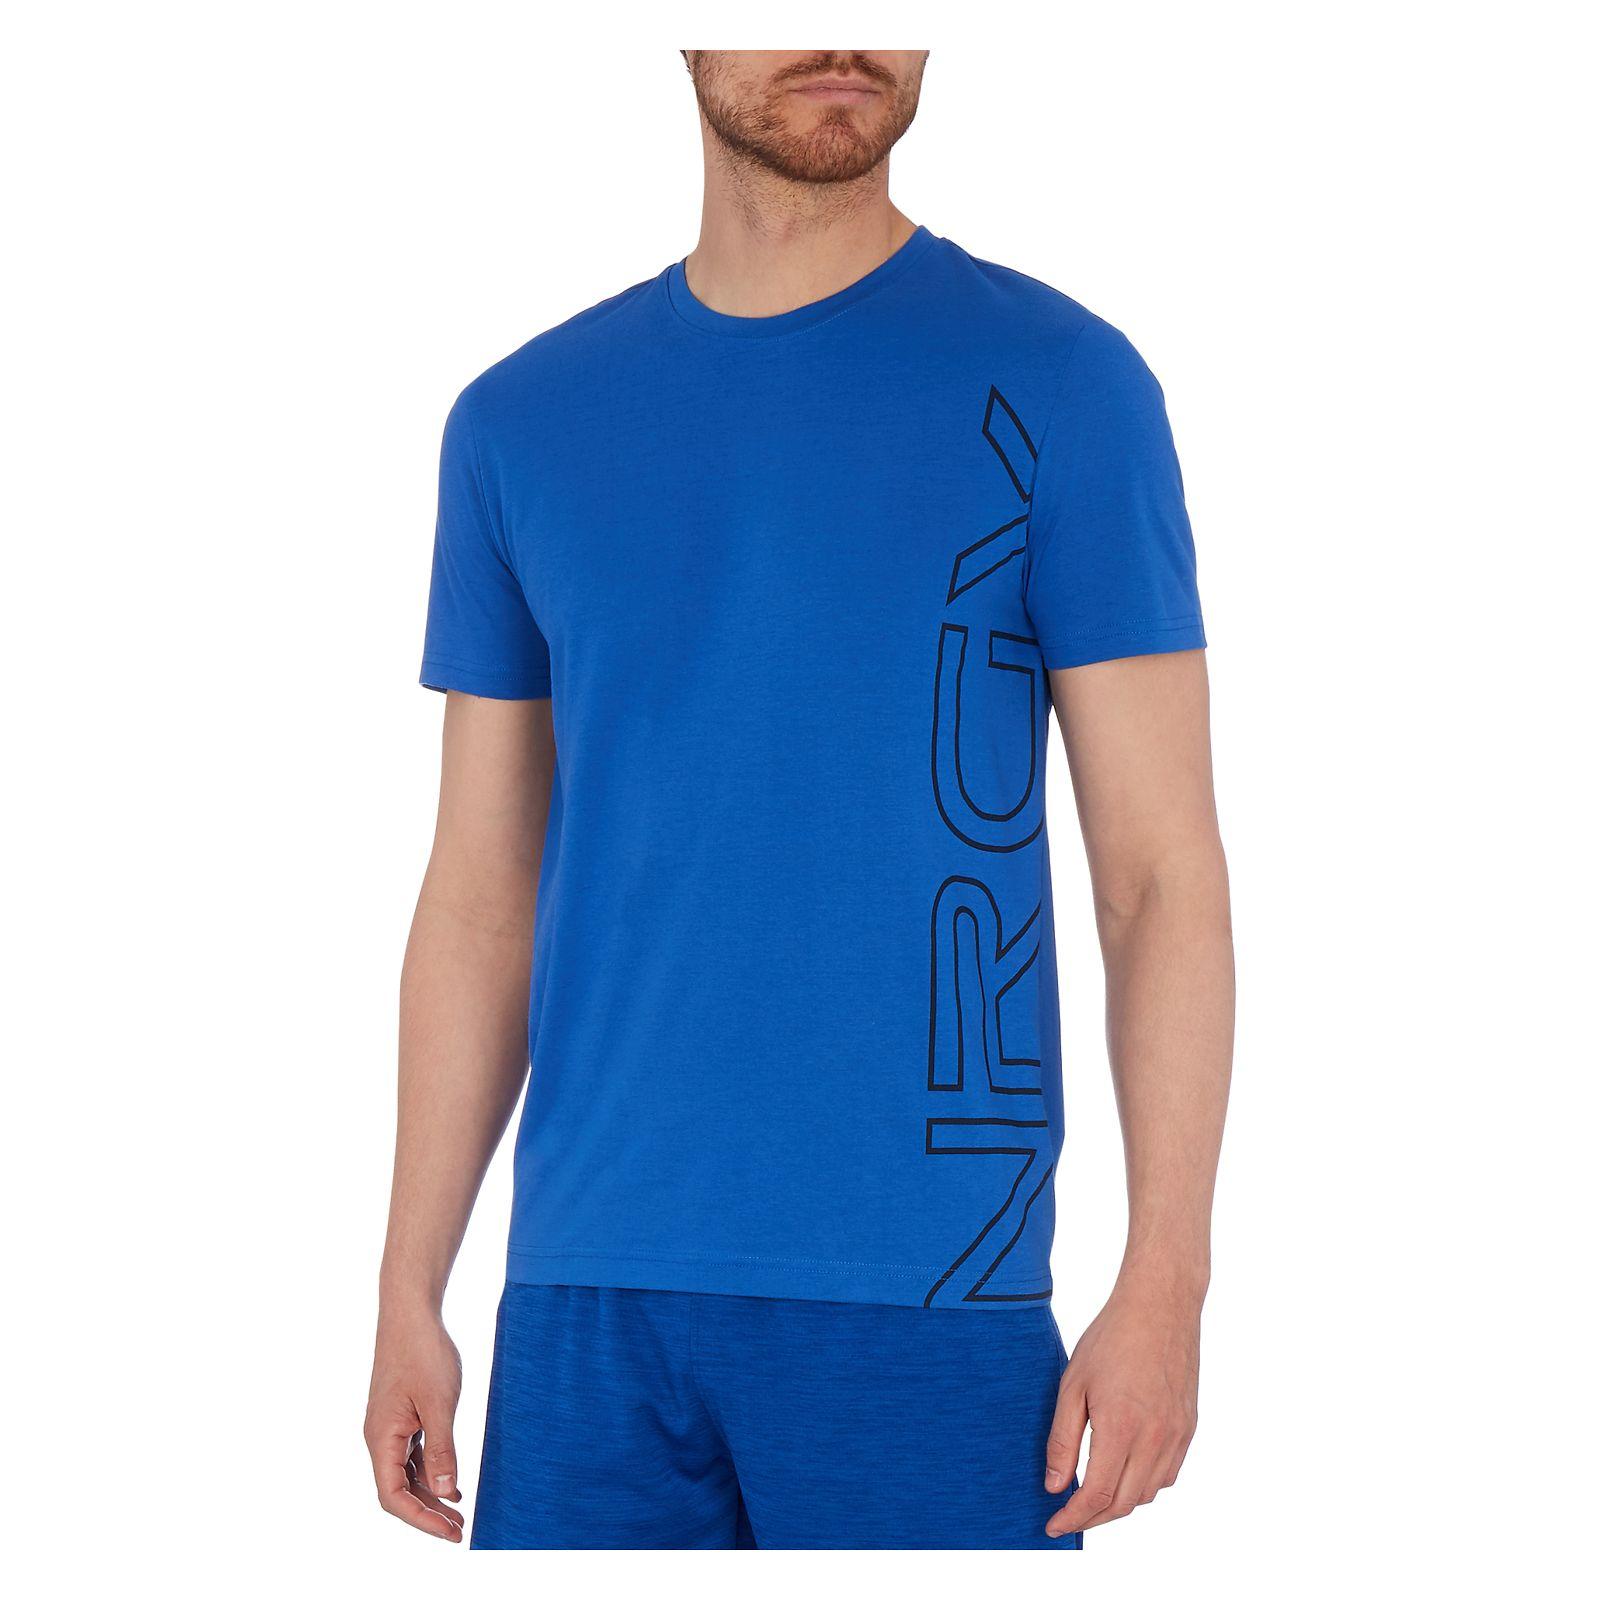 Koszulka męska Energetics Gascon III 302741